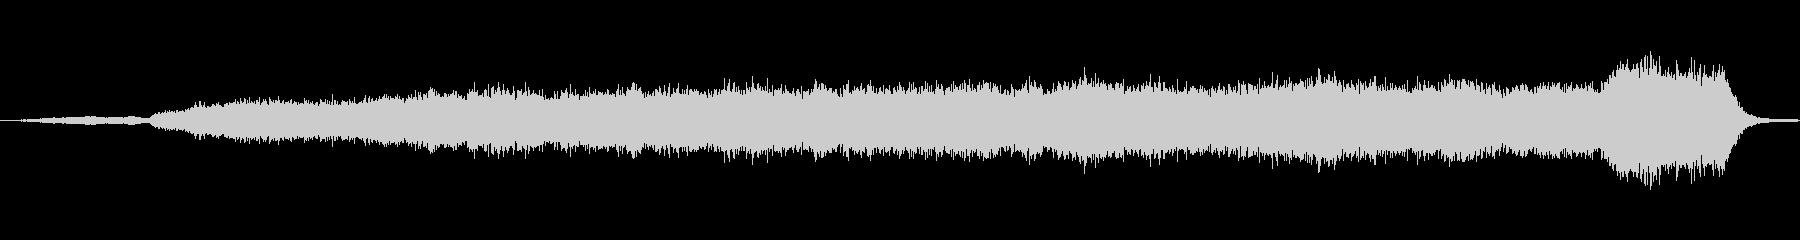 バッハのオルガン曲を幻想的な効果音を入…の未再生の波形